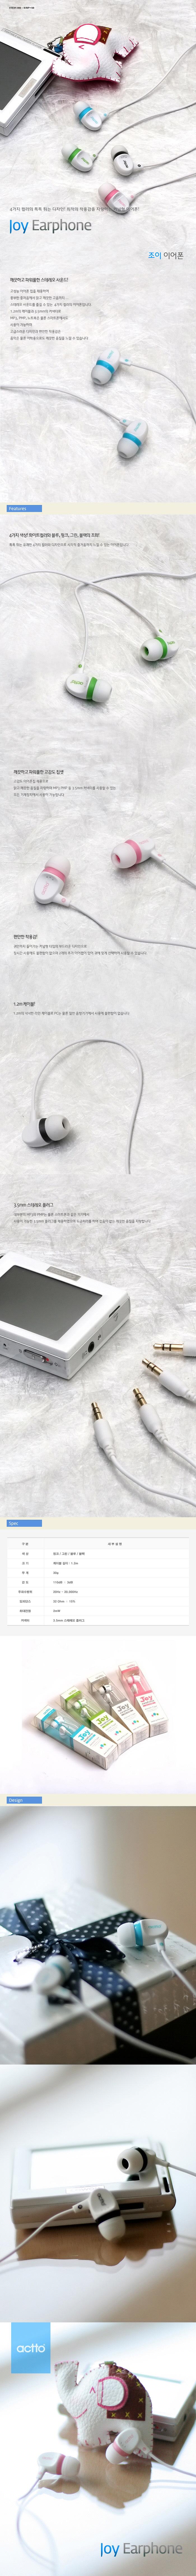 ACTTO 조이 이어폰 ERP-18 - 오피스웨이, 5,500원, 데스크소품, 문진/표지판/소품